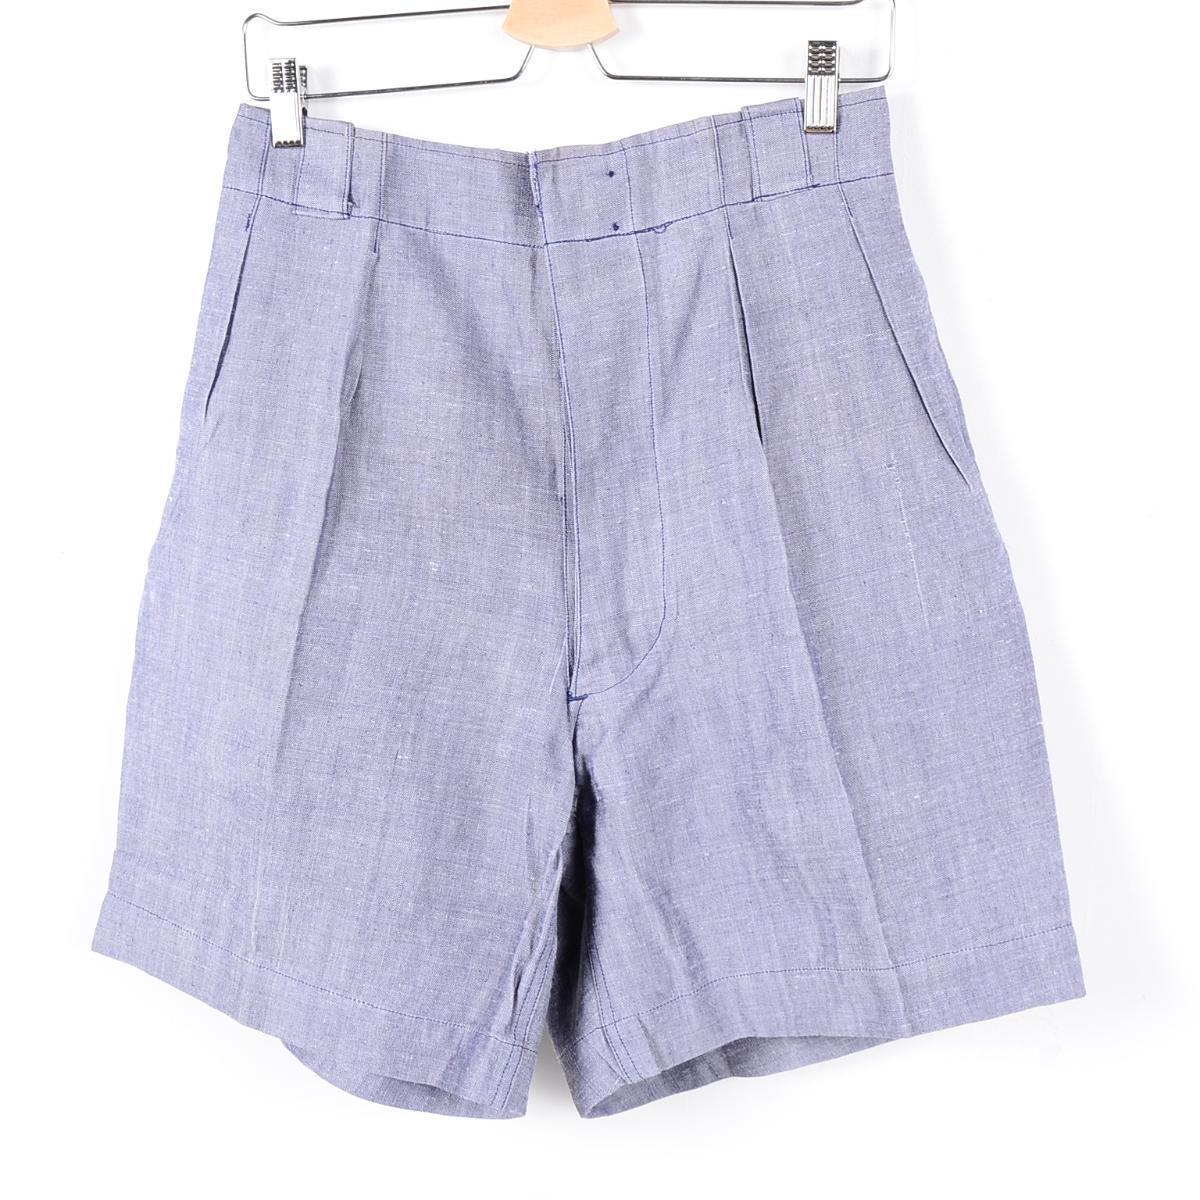 VINTAGE CLOTHING JAM TRADING | Rakuten Global Market: Dead stock ...